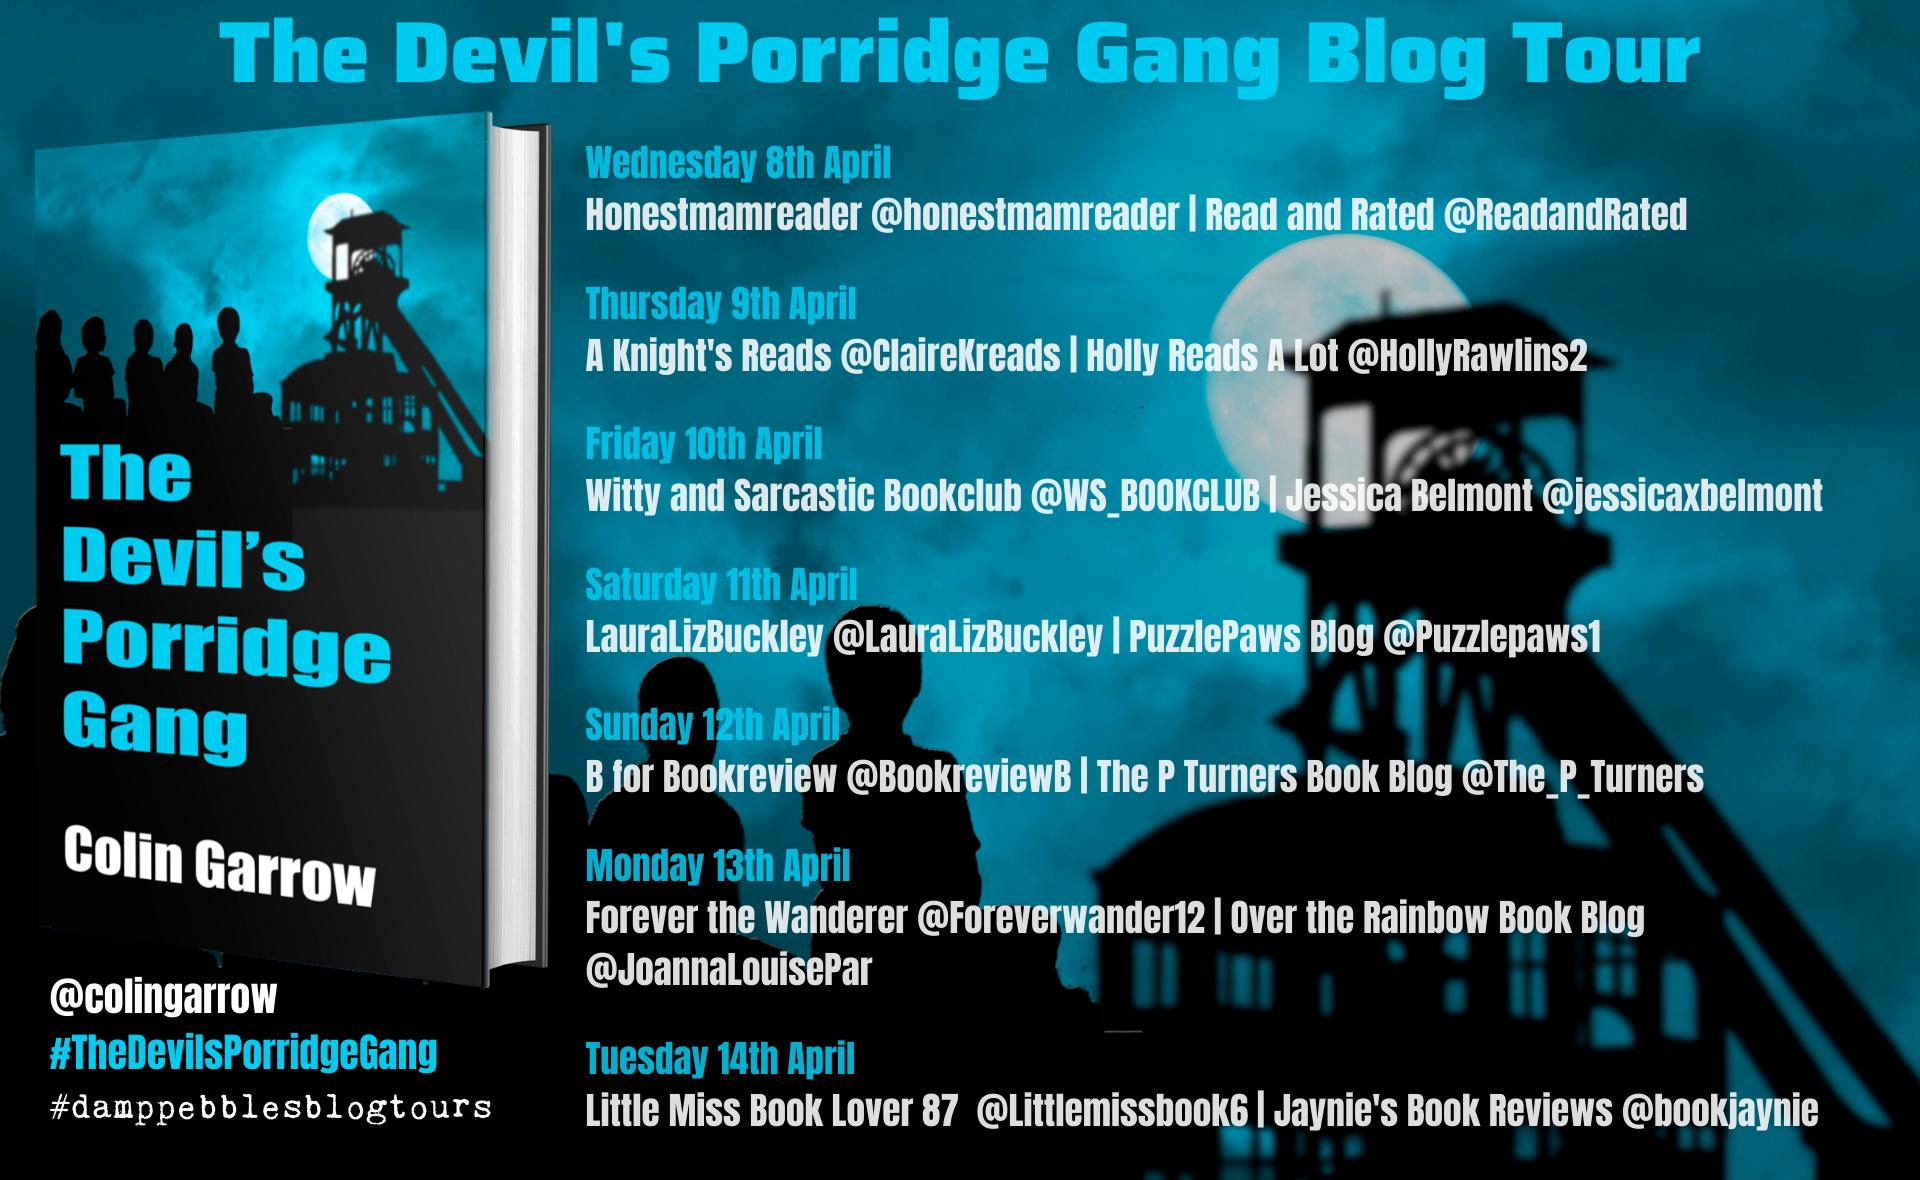 The Devil's Porridge Gang banner